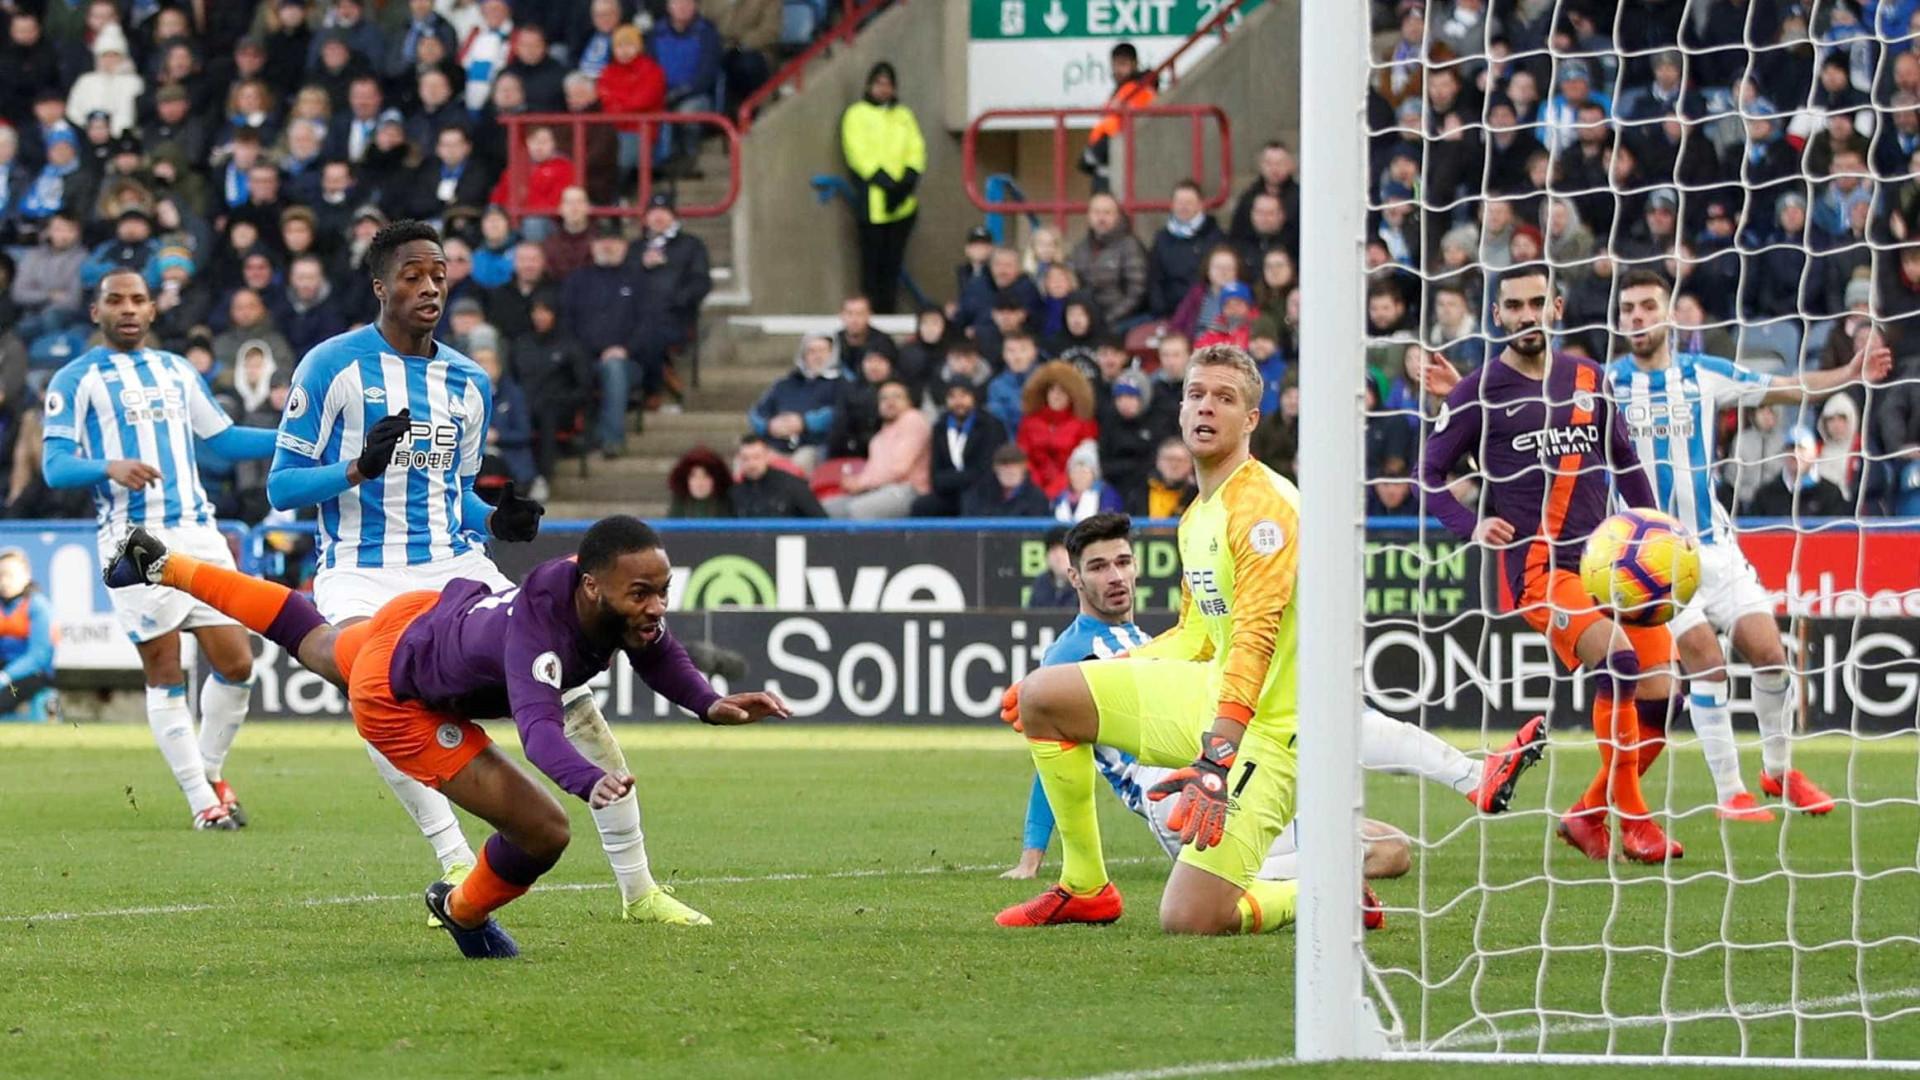 Danilo marca, City derrota o lanterna e segue na cola do Liverpool